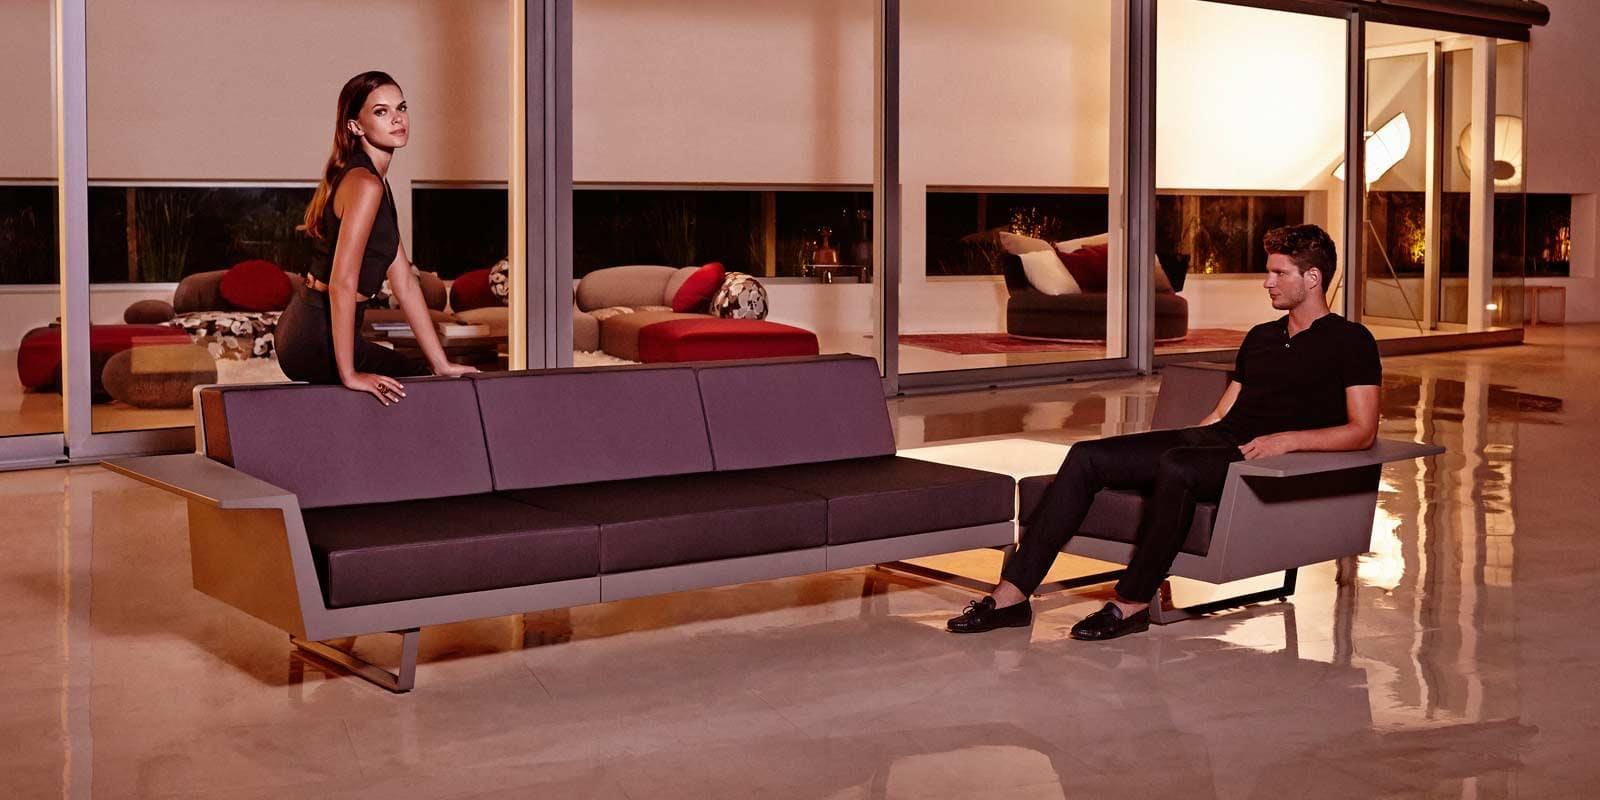 Sofa Delta num 3